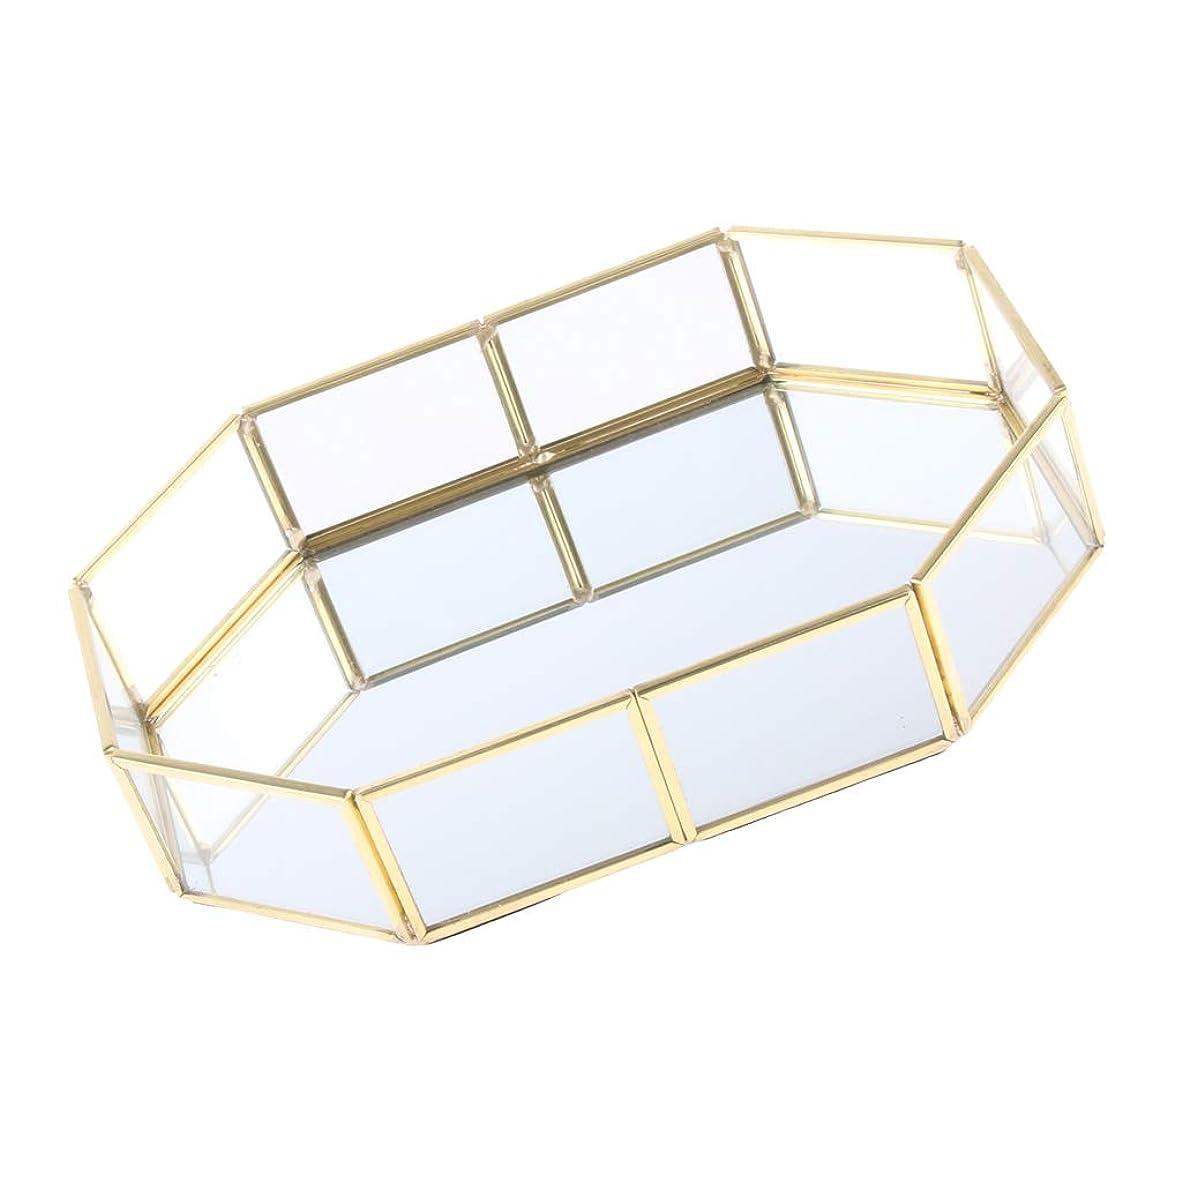 申し立て地下室B Baosity 化粧ブラシホルダー エレガント 315×50×215mm ゴールド メタル ガラス ジュエリートレイ 品質保証